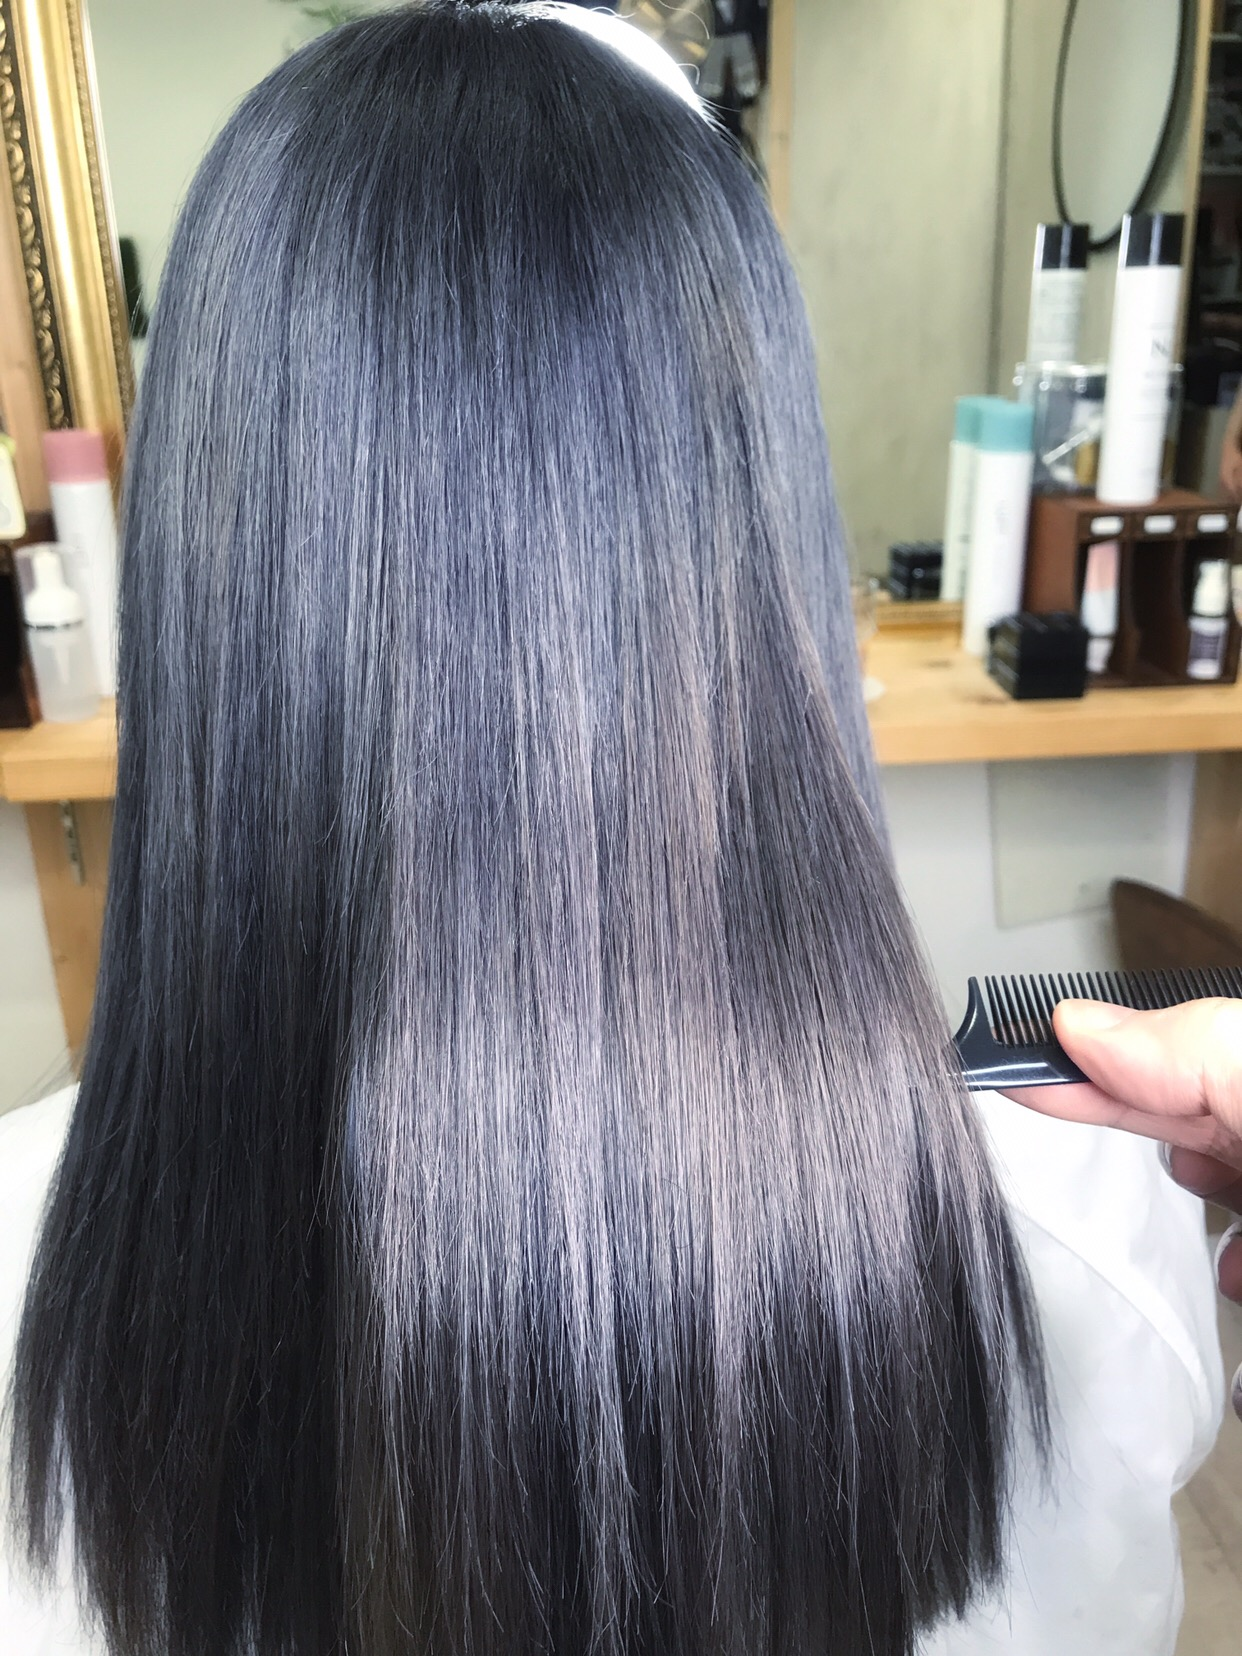 【オレオルカラー】で低ダメージで艶髪カラー。 原宿・表参道『1000人をツヤ髪にヘアケア美容師の挑戦』